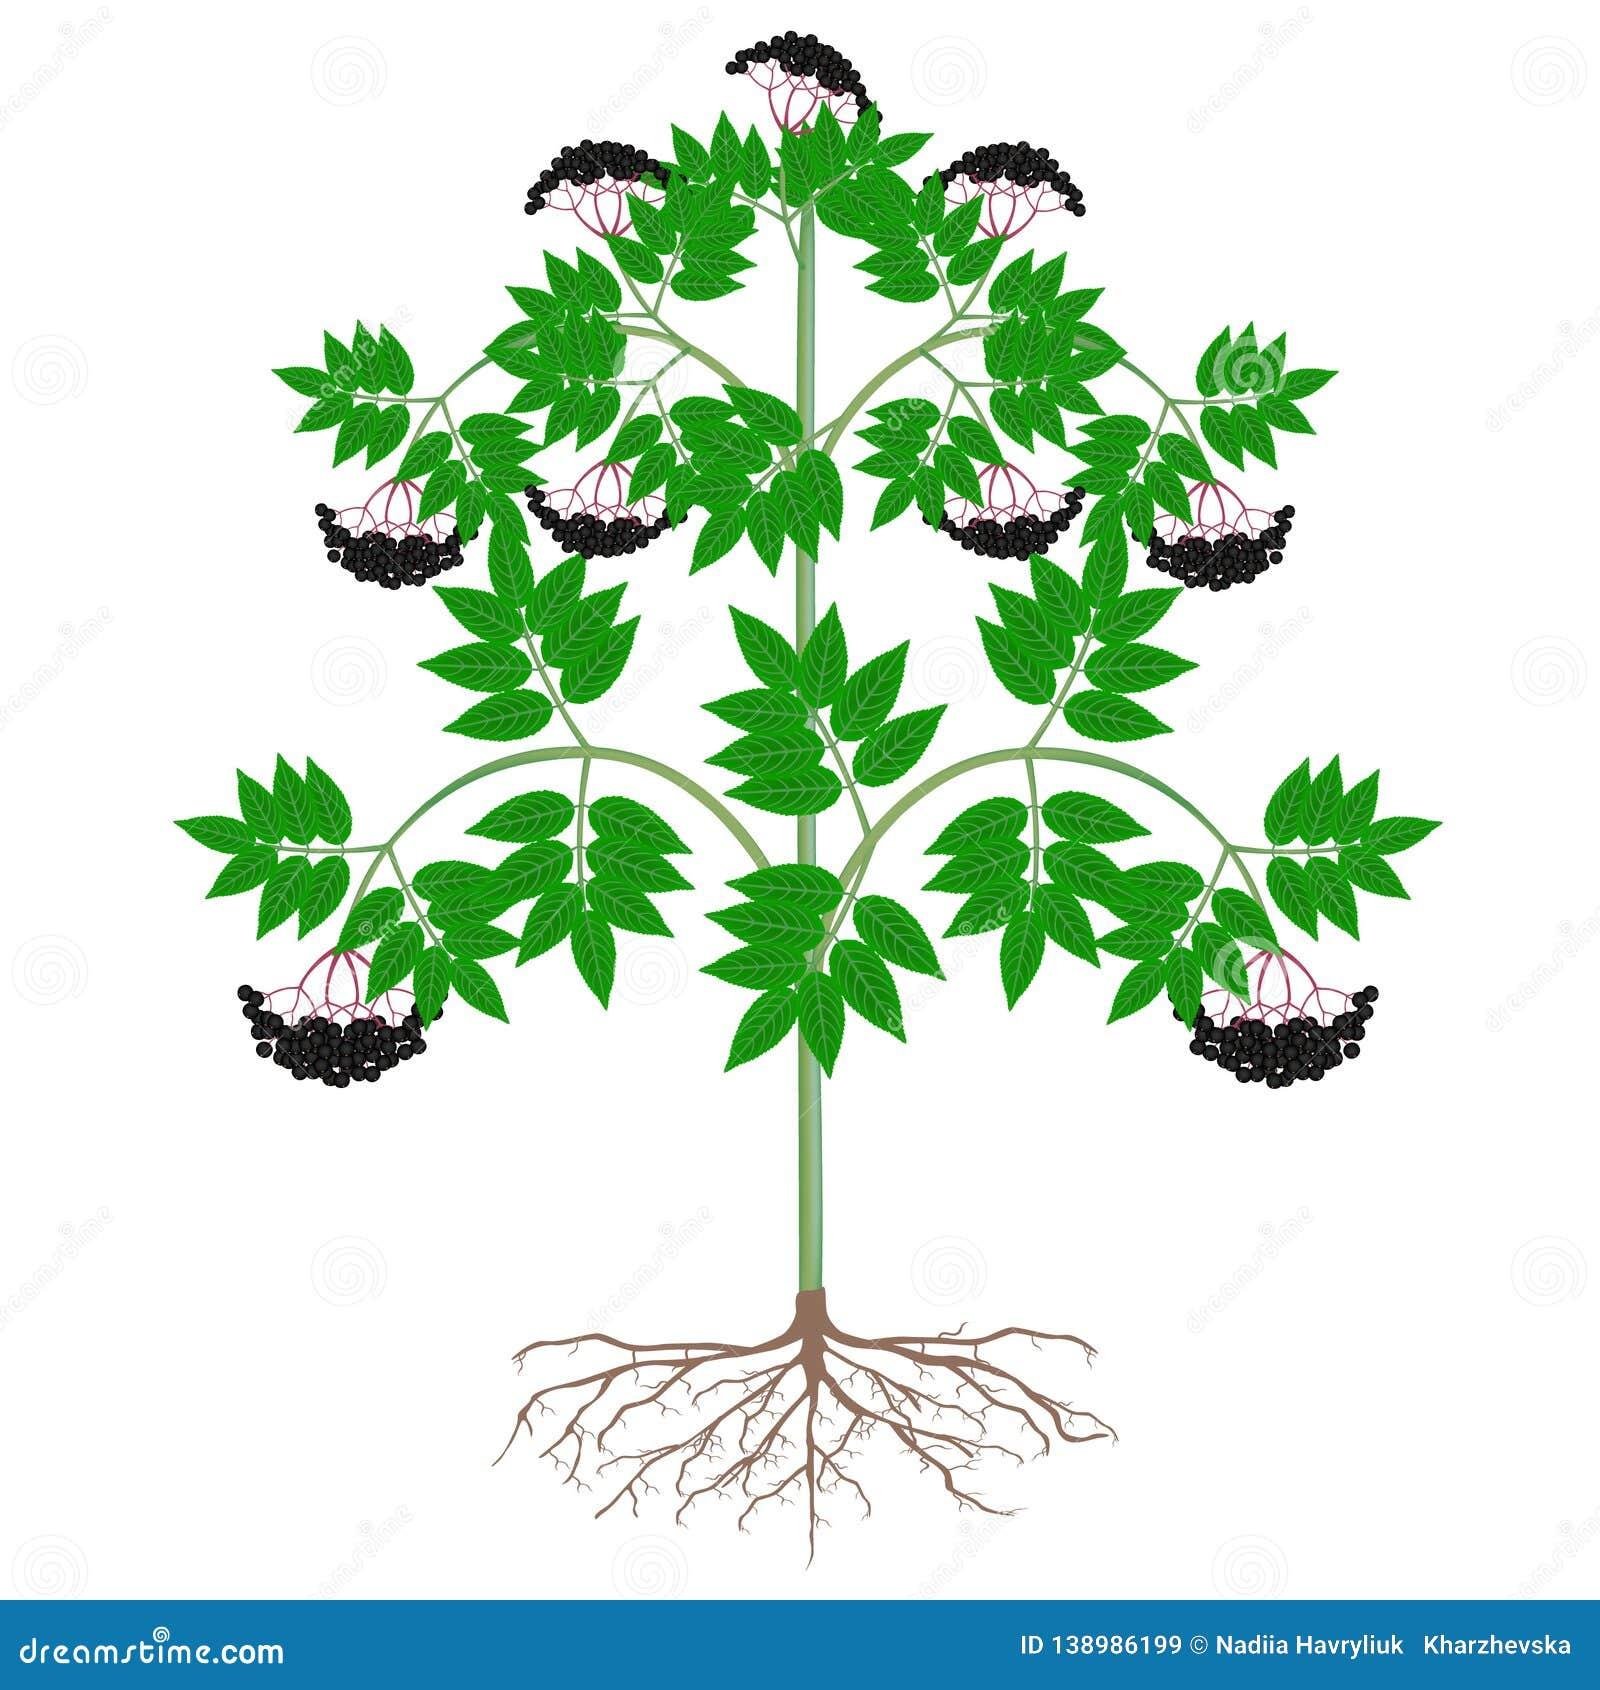 [Image: black-elderberry-plant-roots-berries-whi...986199.jpg]